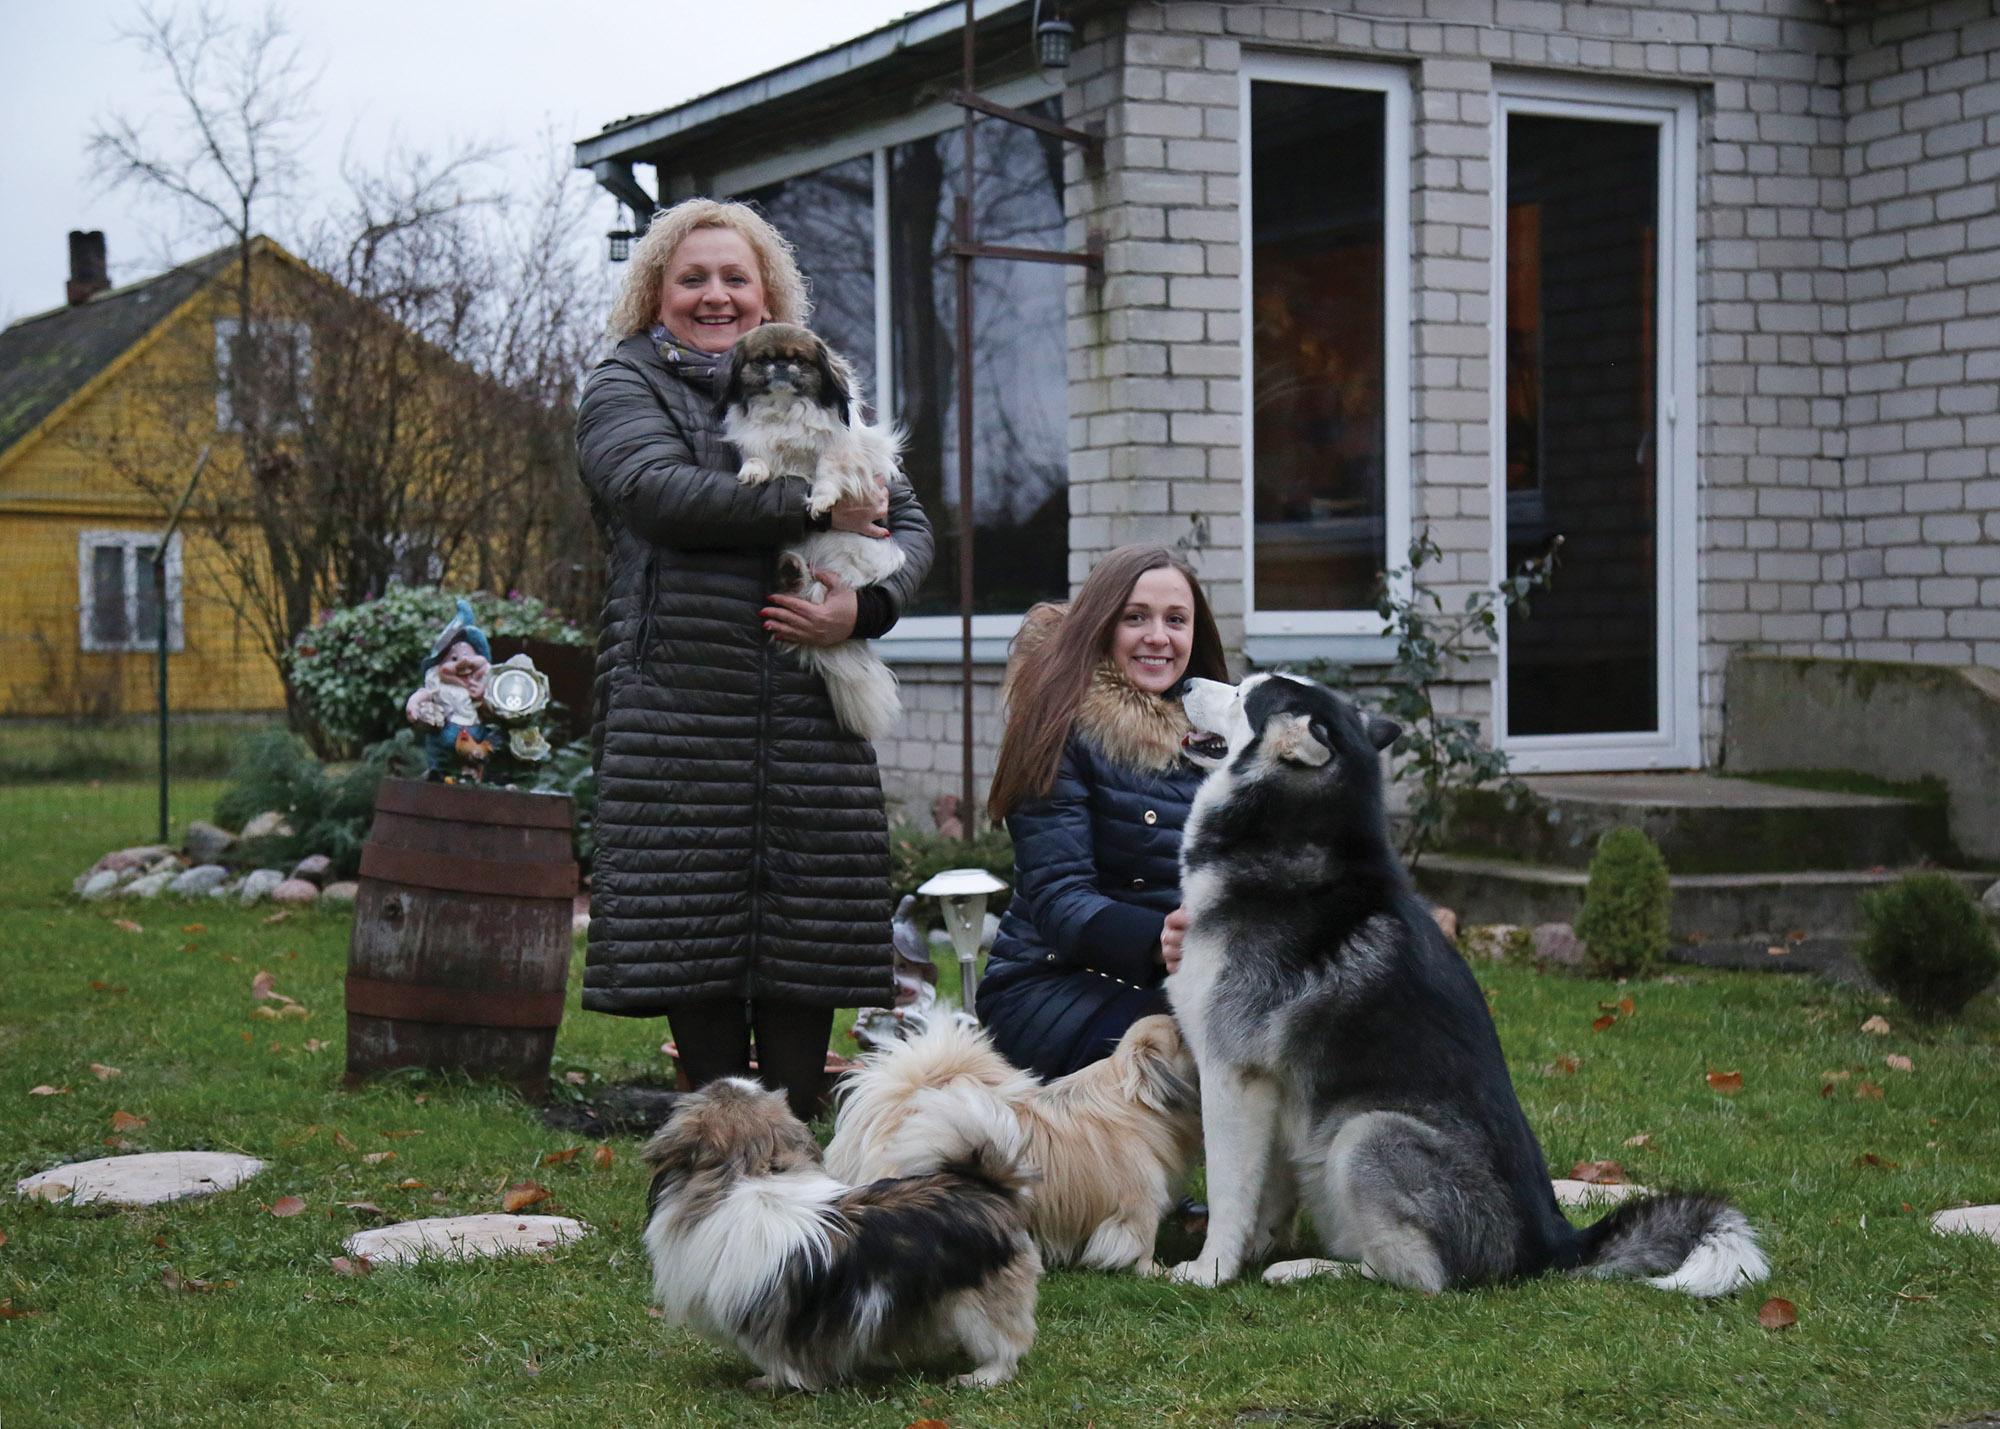 Meilė gyvūnamsnestokoja ne tik Sandra, bet ir jos vyras Giedrius bei jų vaikai./ G. Minelgaitės-Dautorės nuotr.